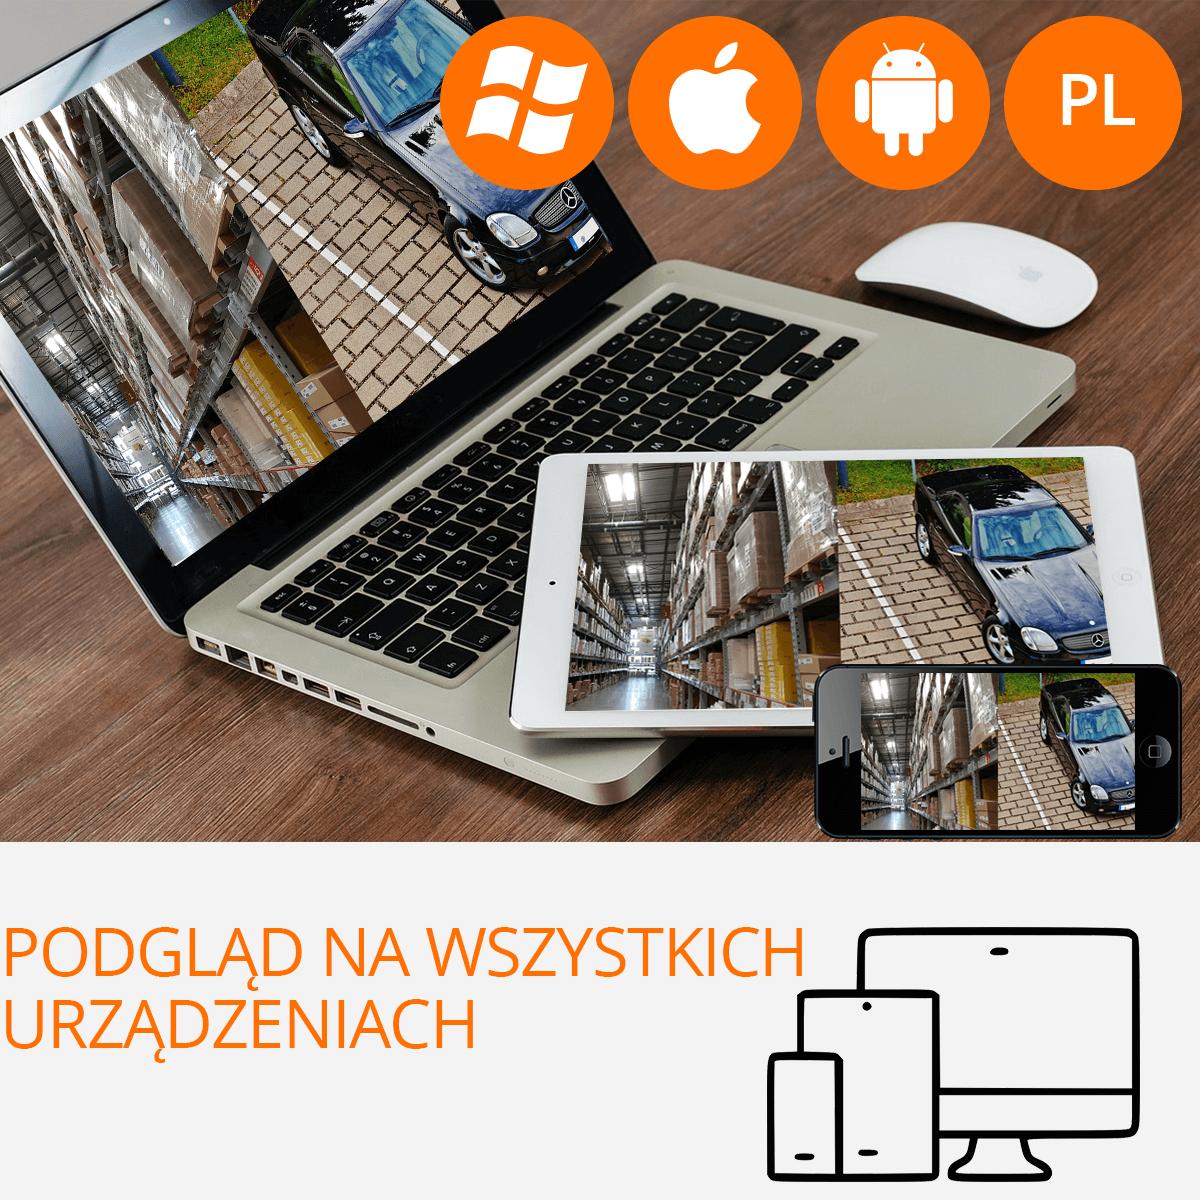 Zestaw-do-monitoringu-CAMSET-system-monitoringu-orllo-pl